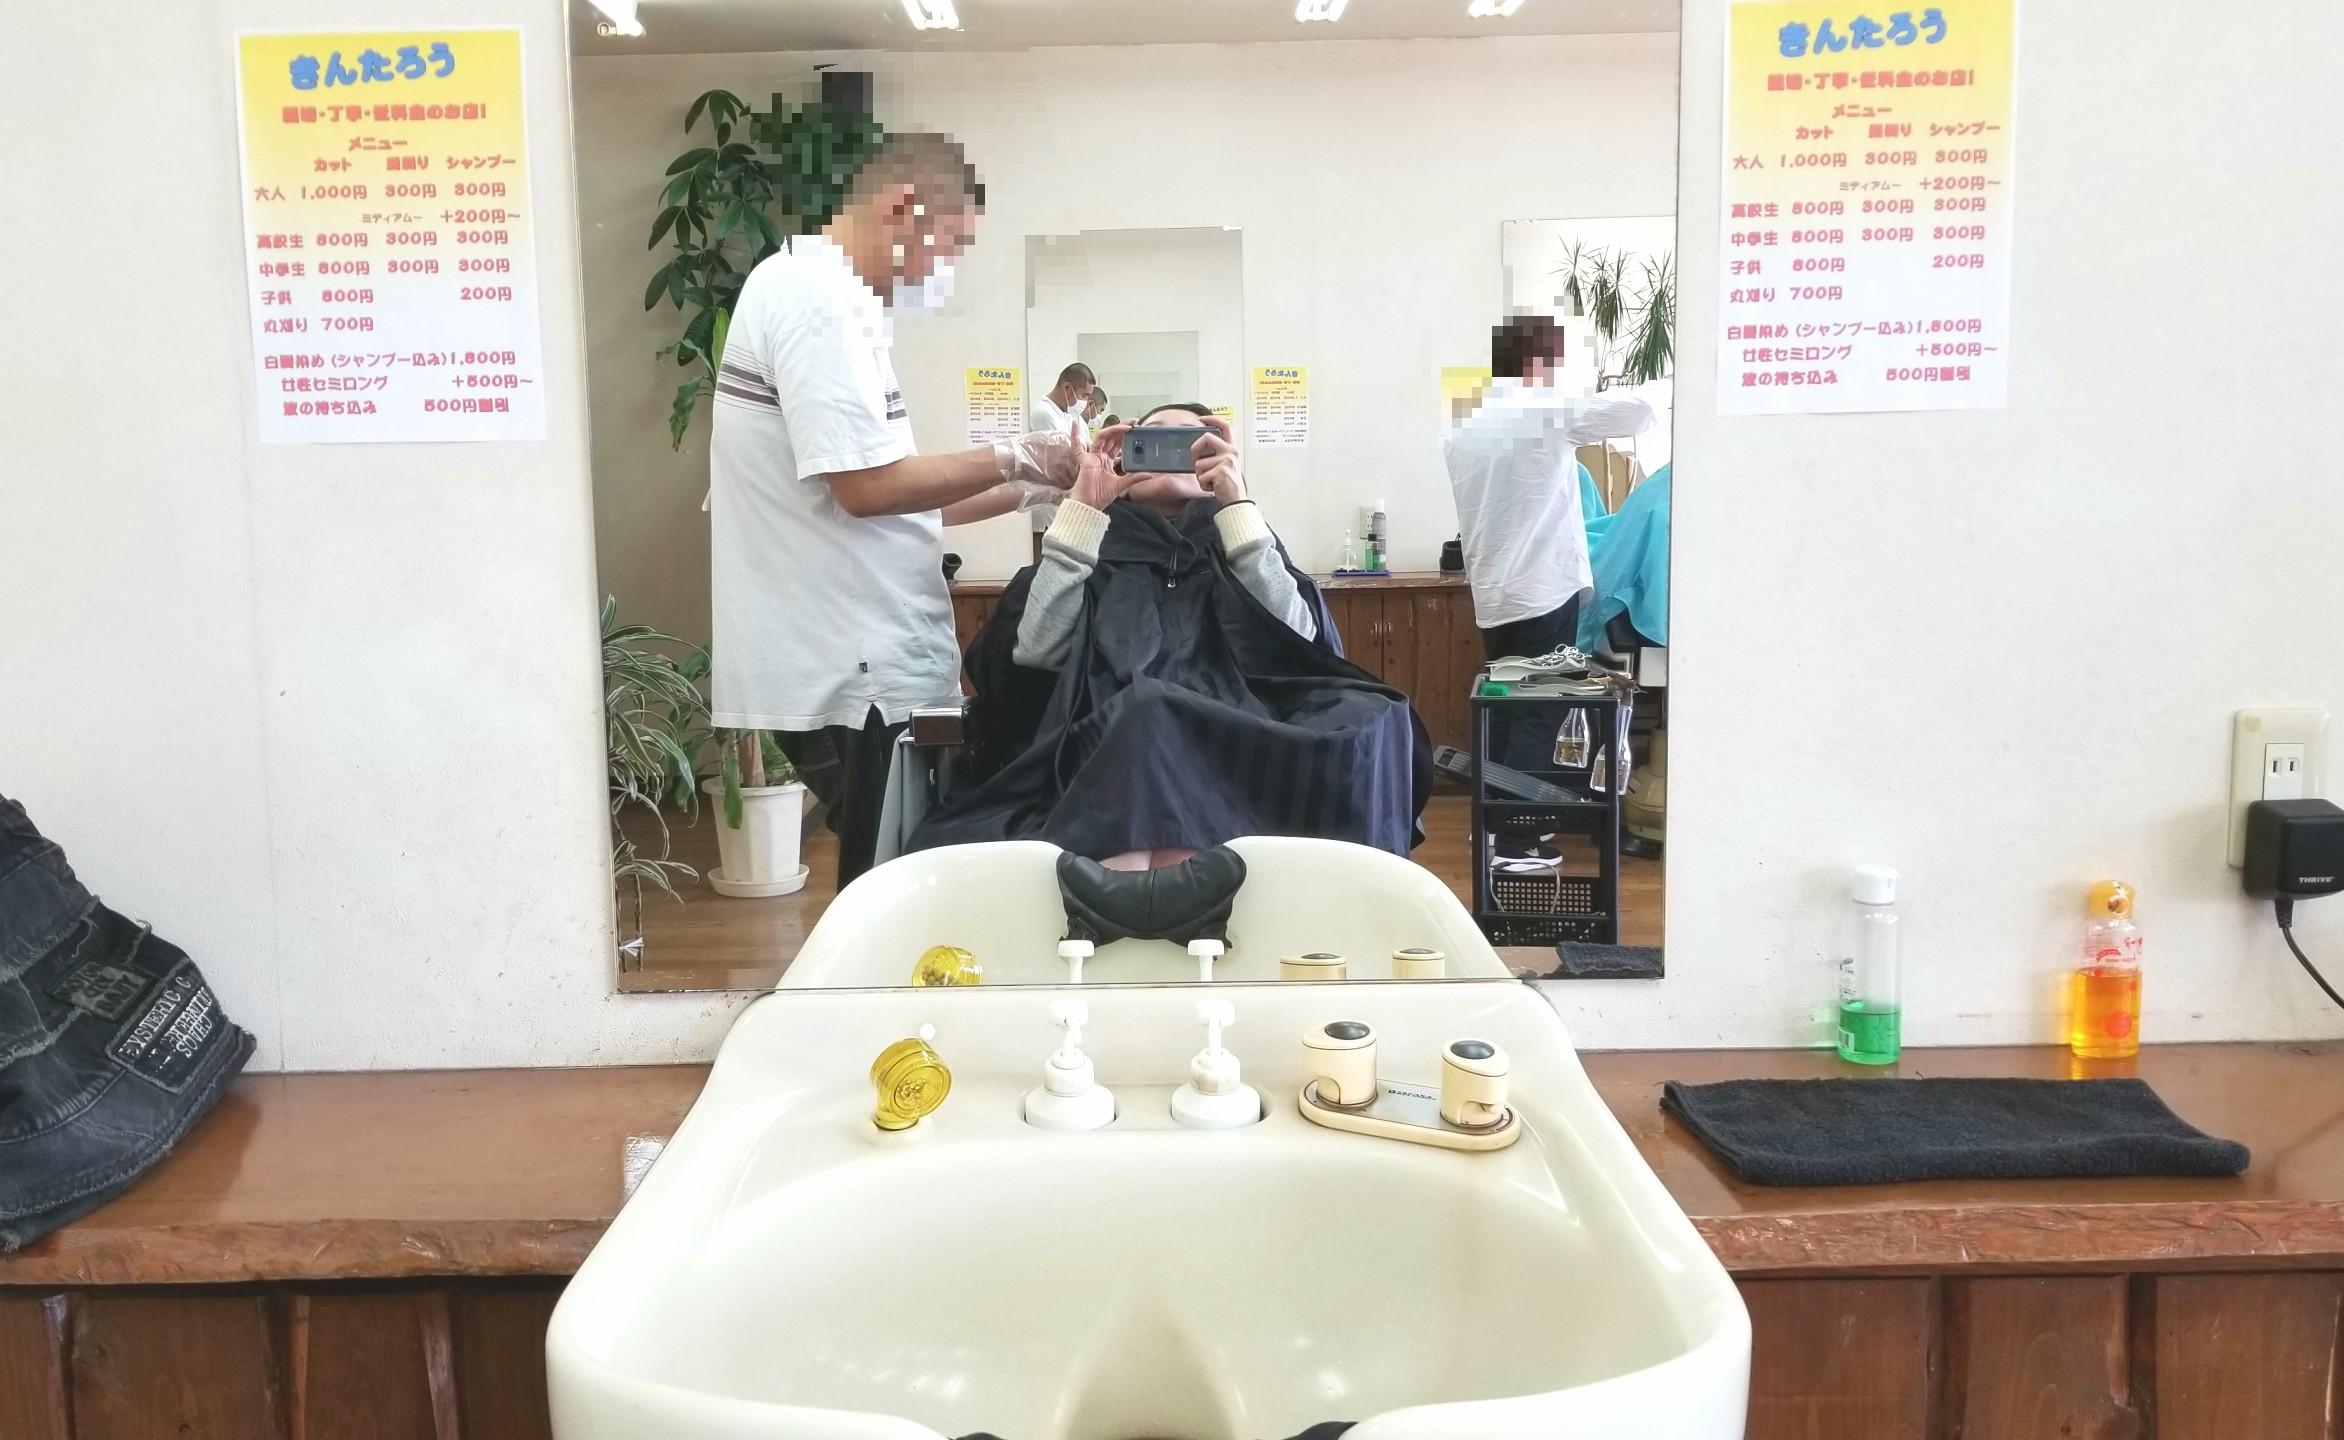 1000円カット,千円,美容室,きんたろう,月曜も開いている,安い,丁寧